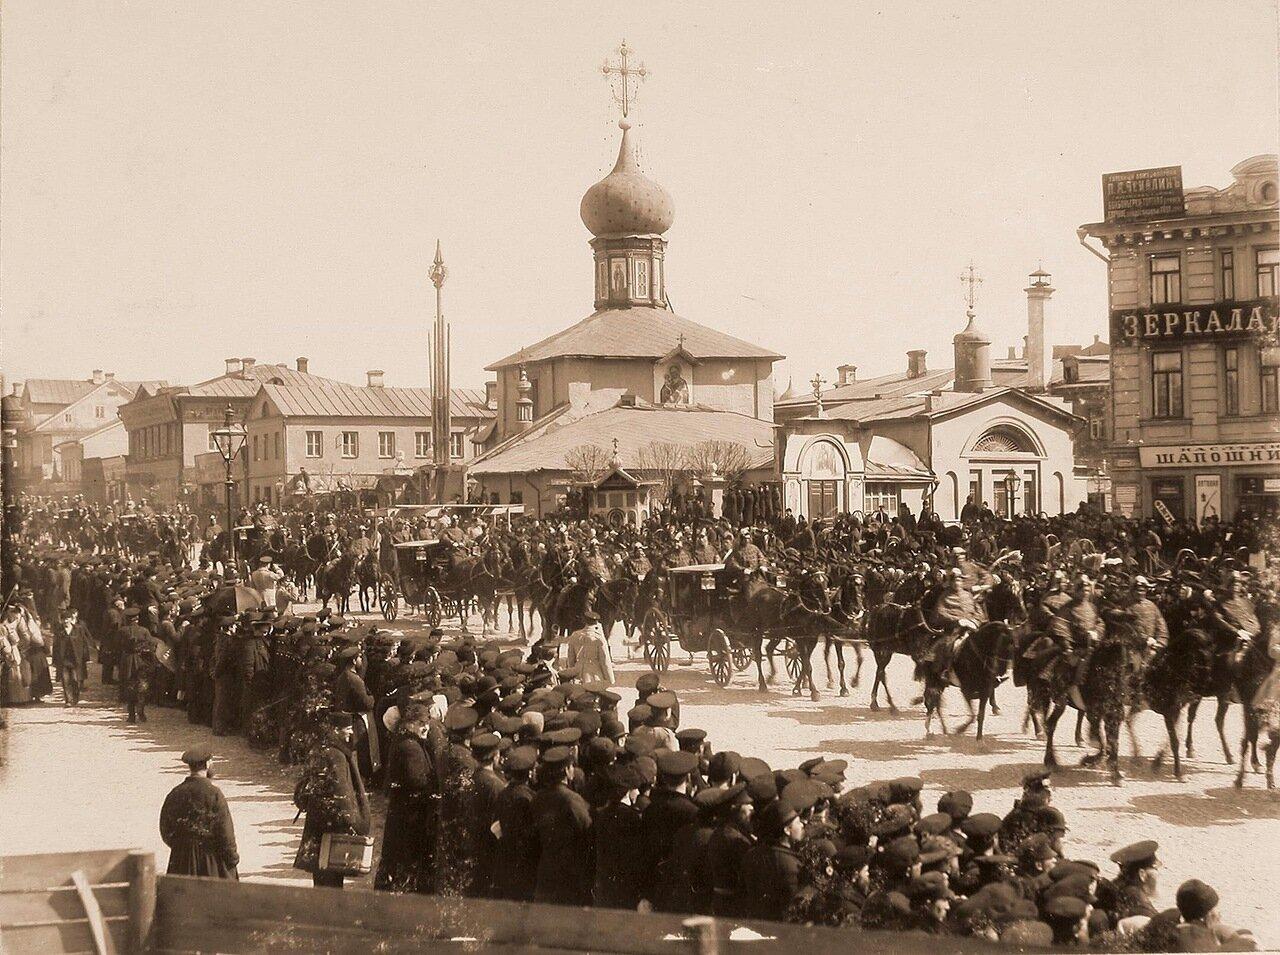 Экипажи и кареты с дворцовыми чинами проезжают к Лубянской площади по Мясницкой улице в дни коронационных торжеств; в центре - церковь Гребневской Божией матери